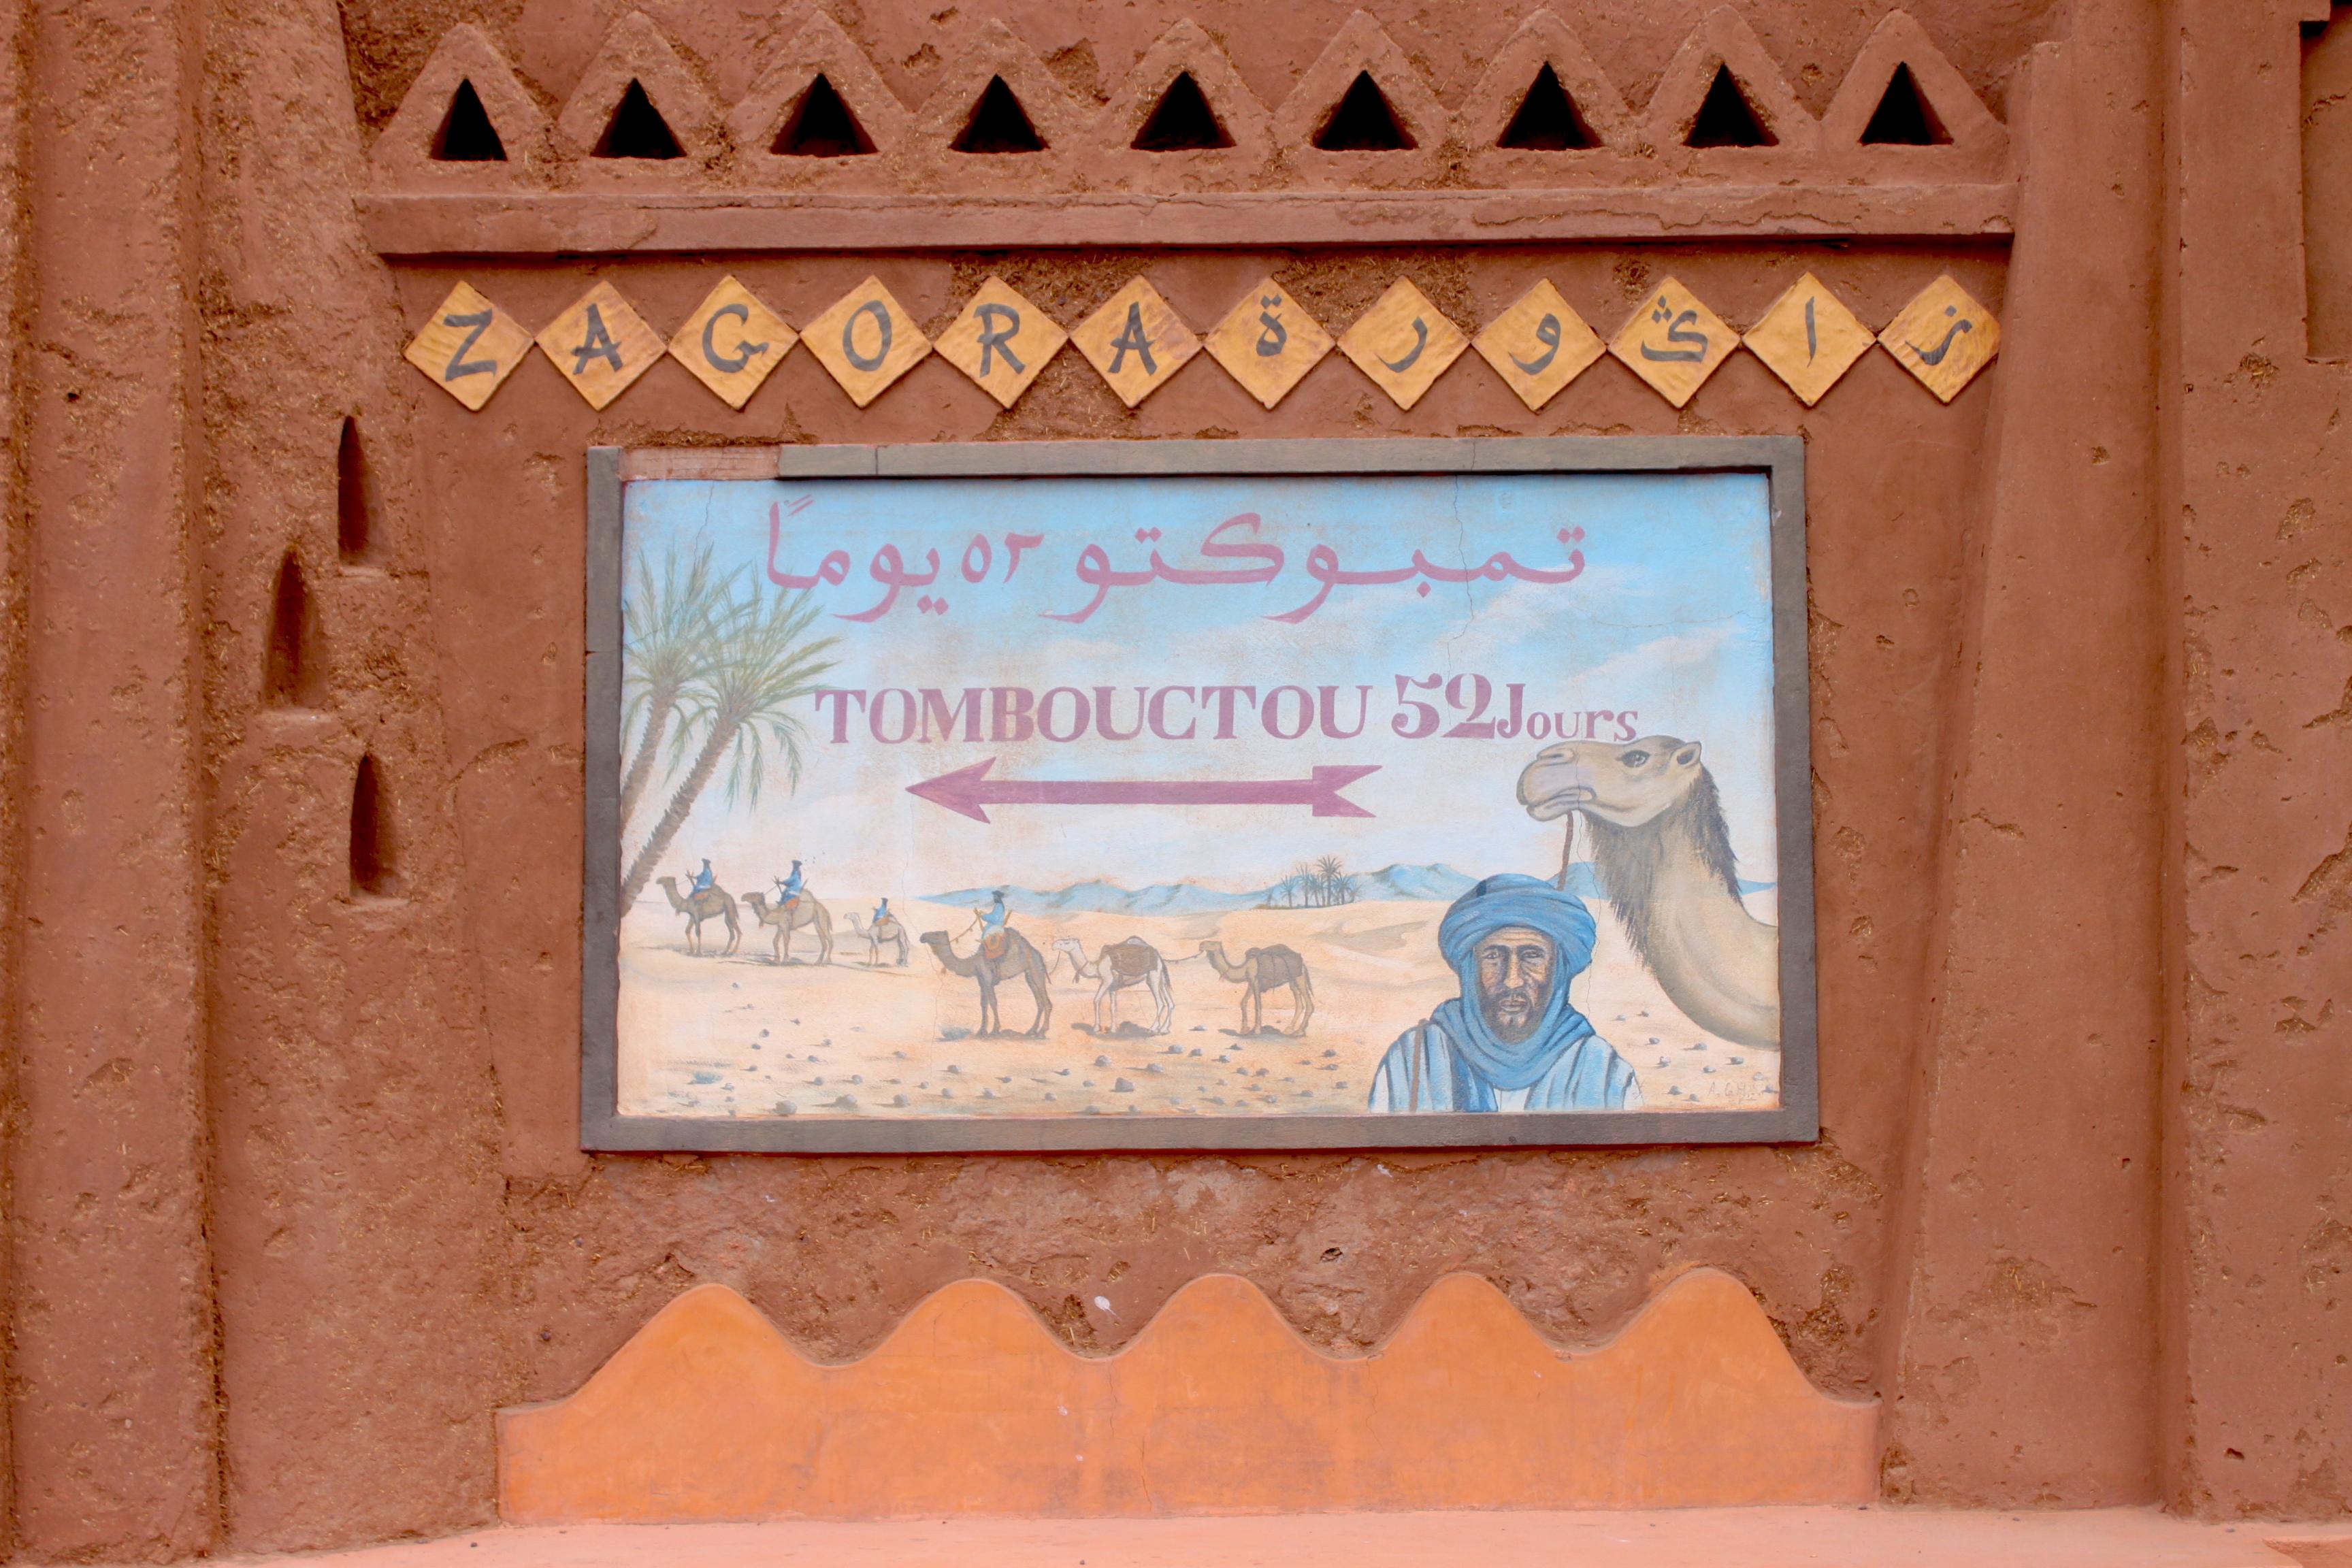 Zagora, Tombouctou a 52 giorni di cammello